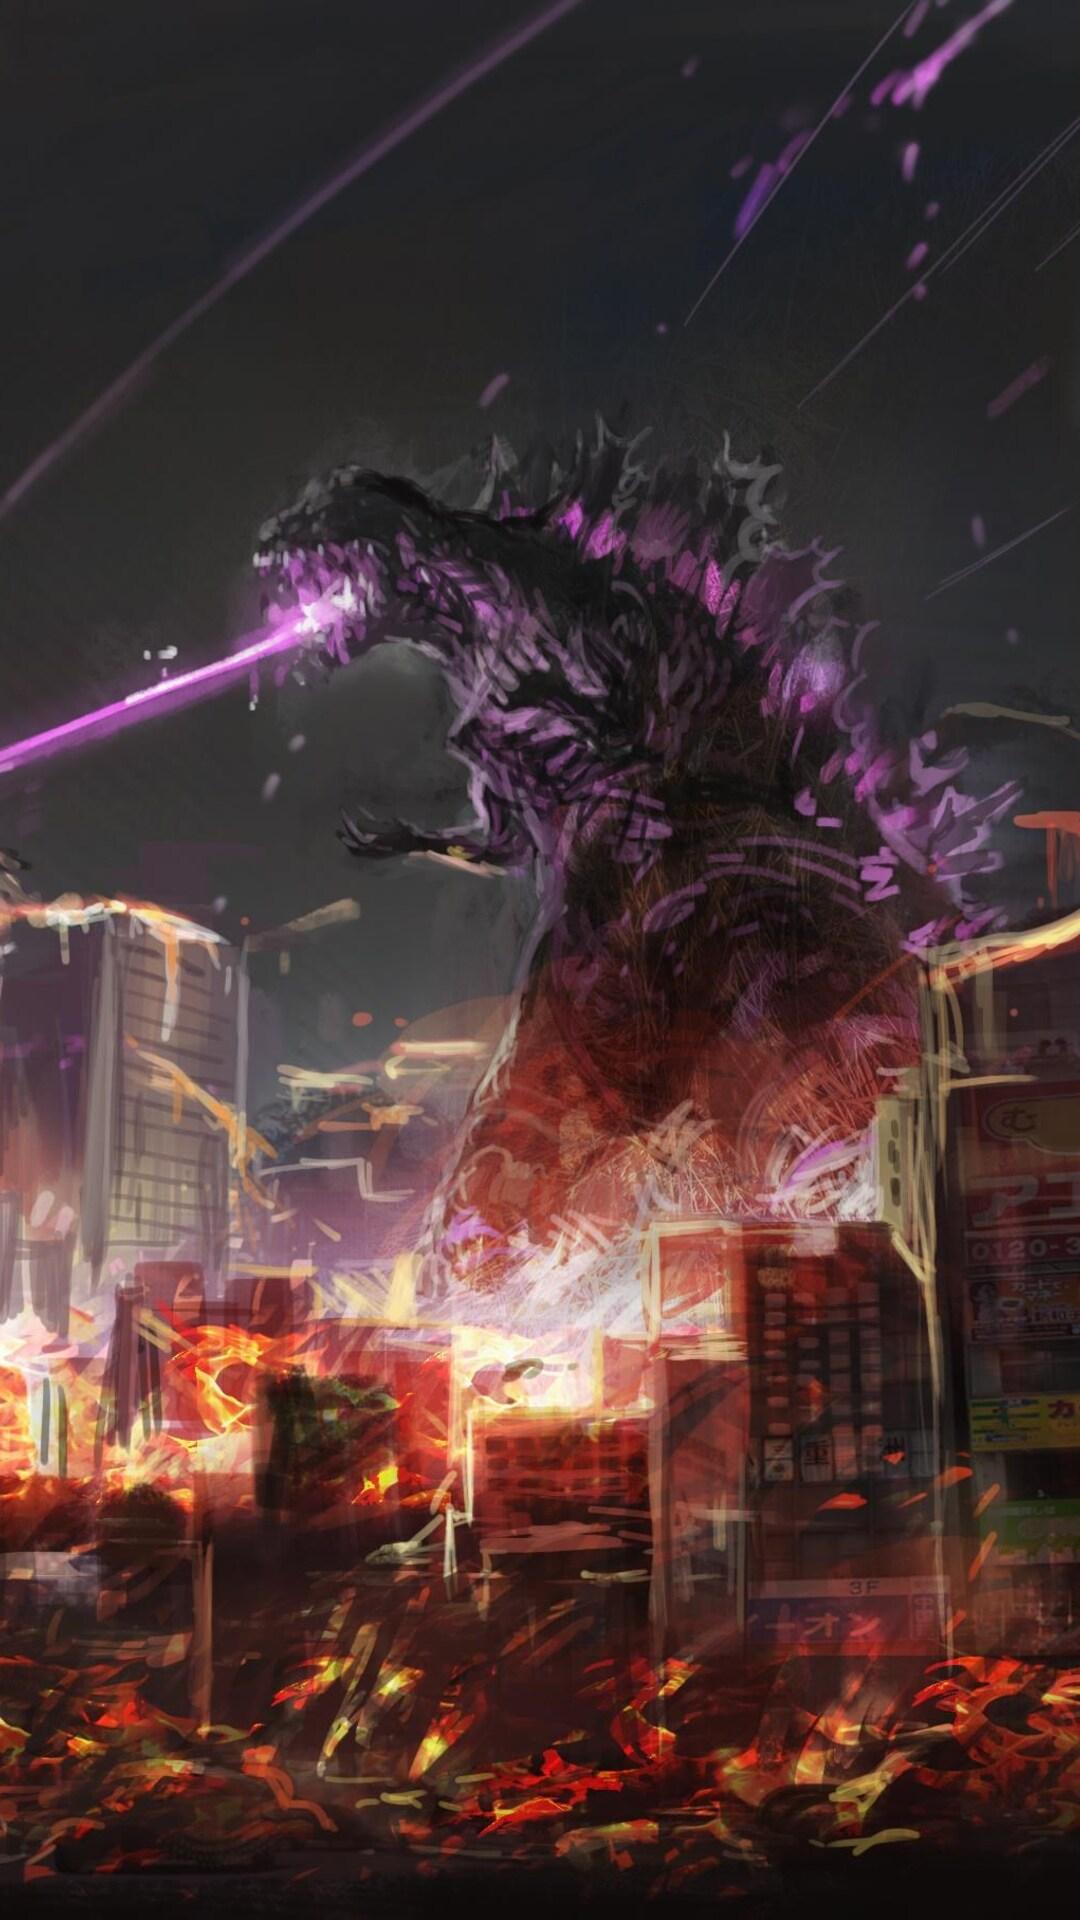 1080x1920 Godzilla Fan Art Iphone 7,6s,6 Plus, Pixel xl ...